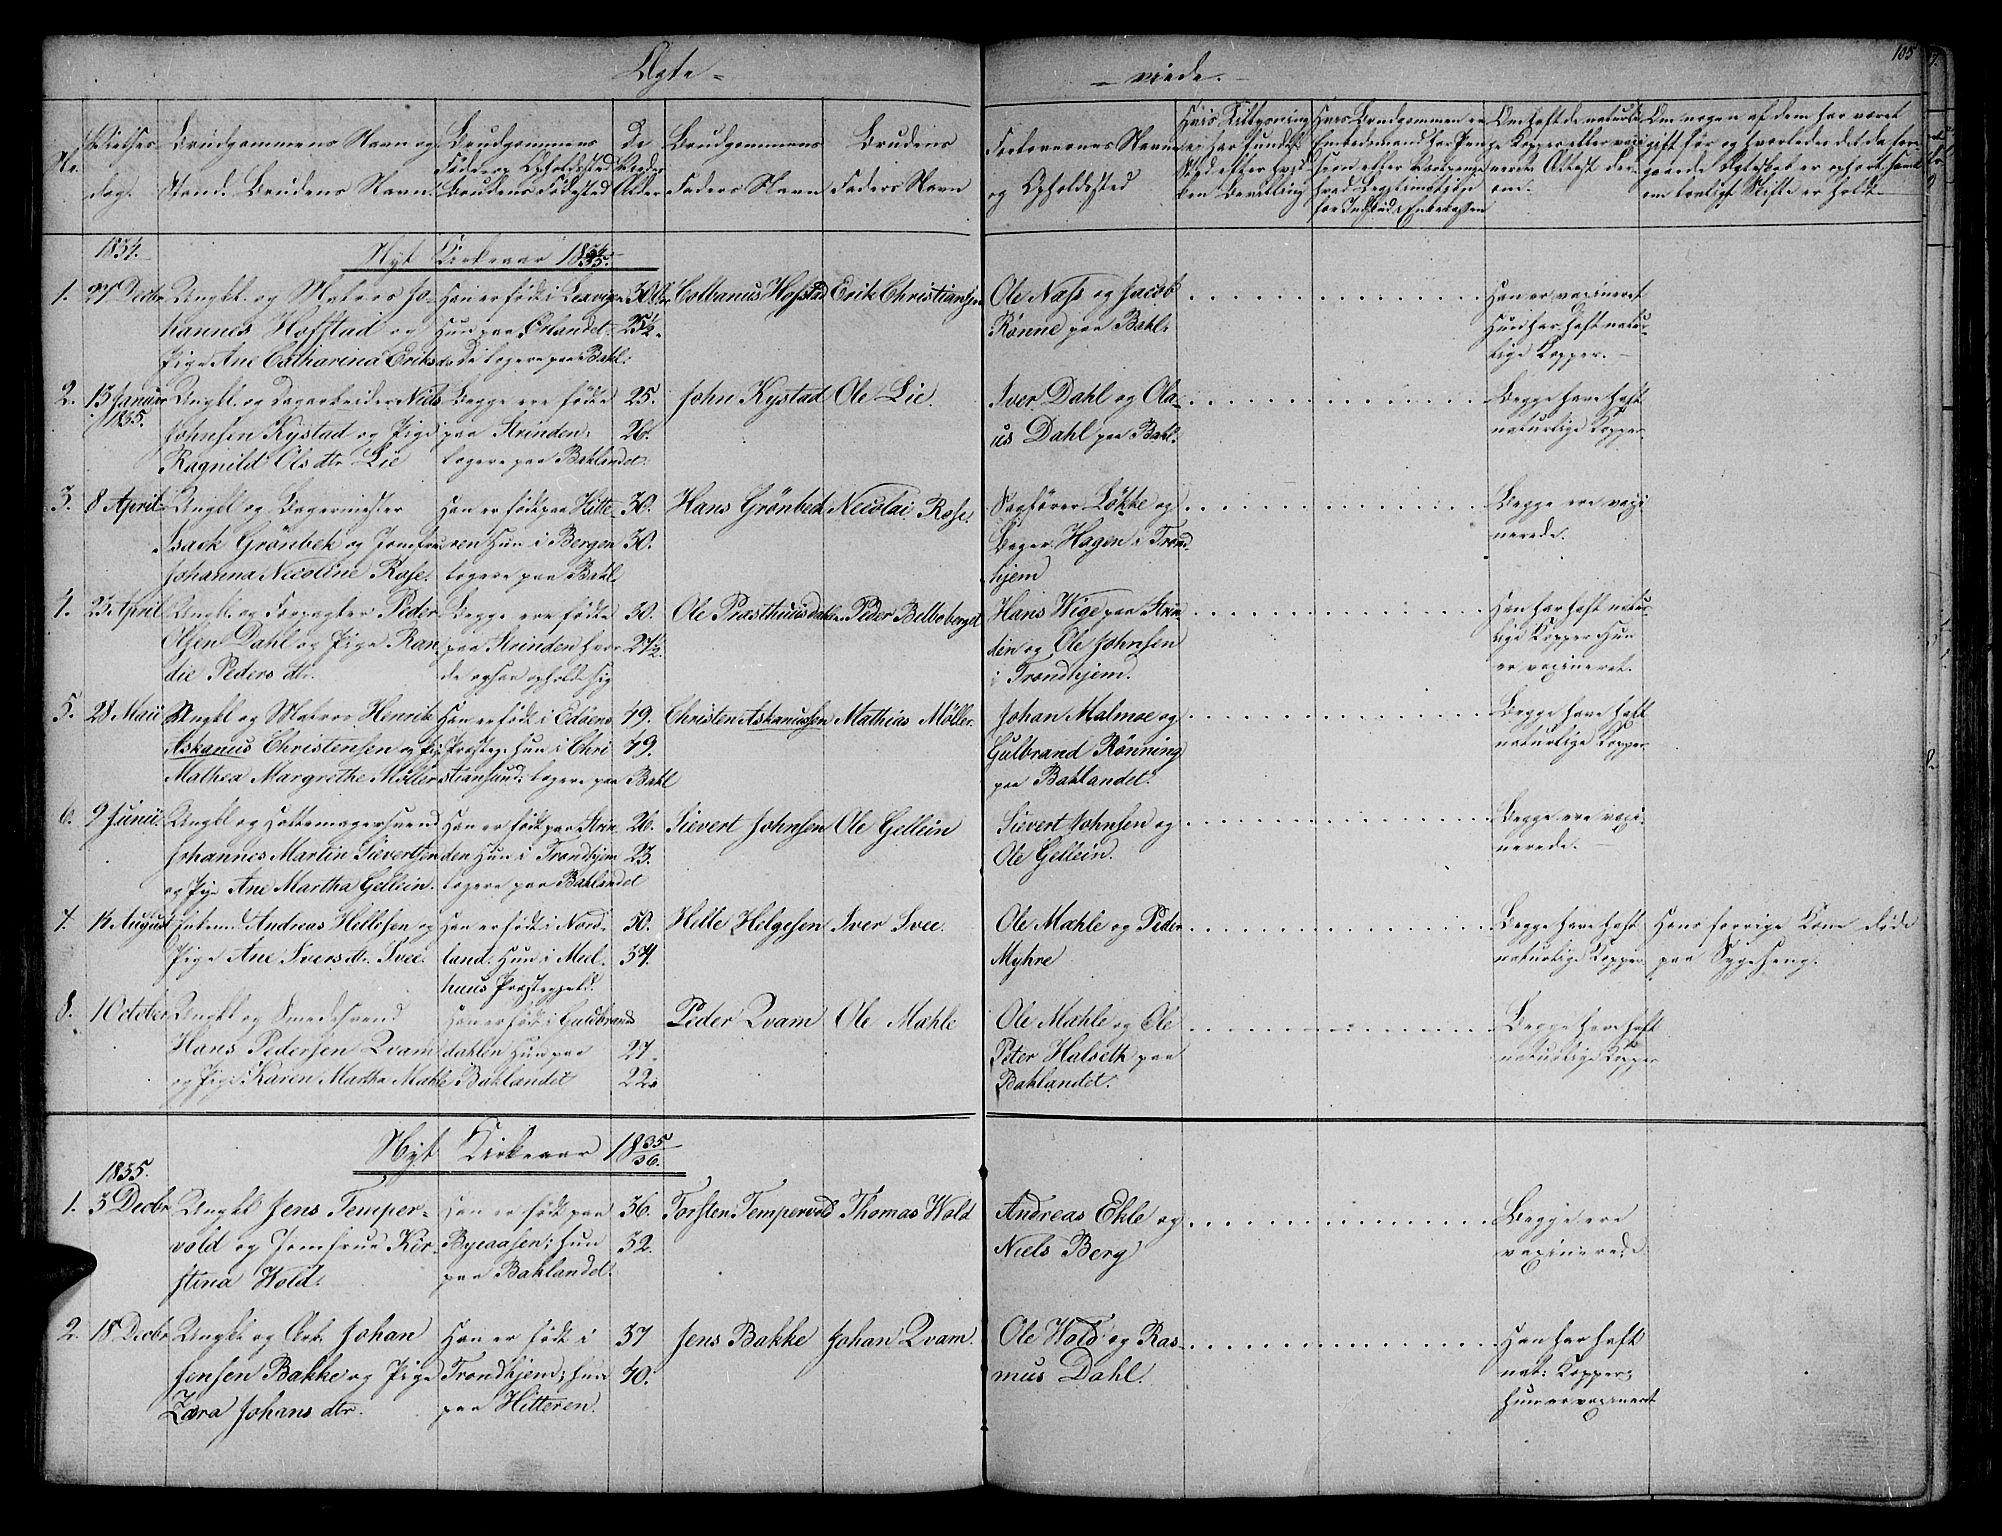 SAT, Ministerialprotokoller, klokkerbøker og fødselsregistre - Sør-Trøndelag, 604/L0182: Ministerialbok nr. 604A03, 1818-1850, s. 105